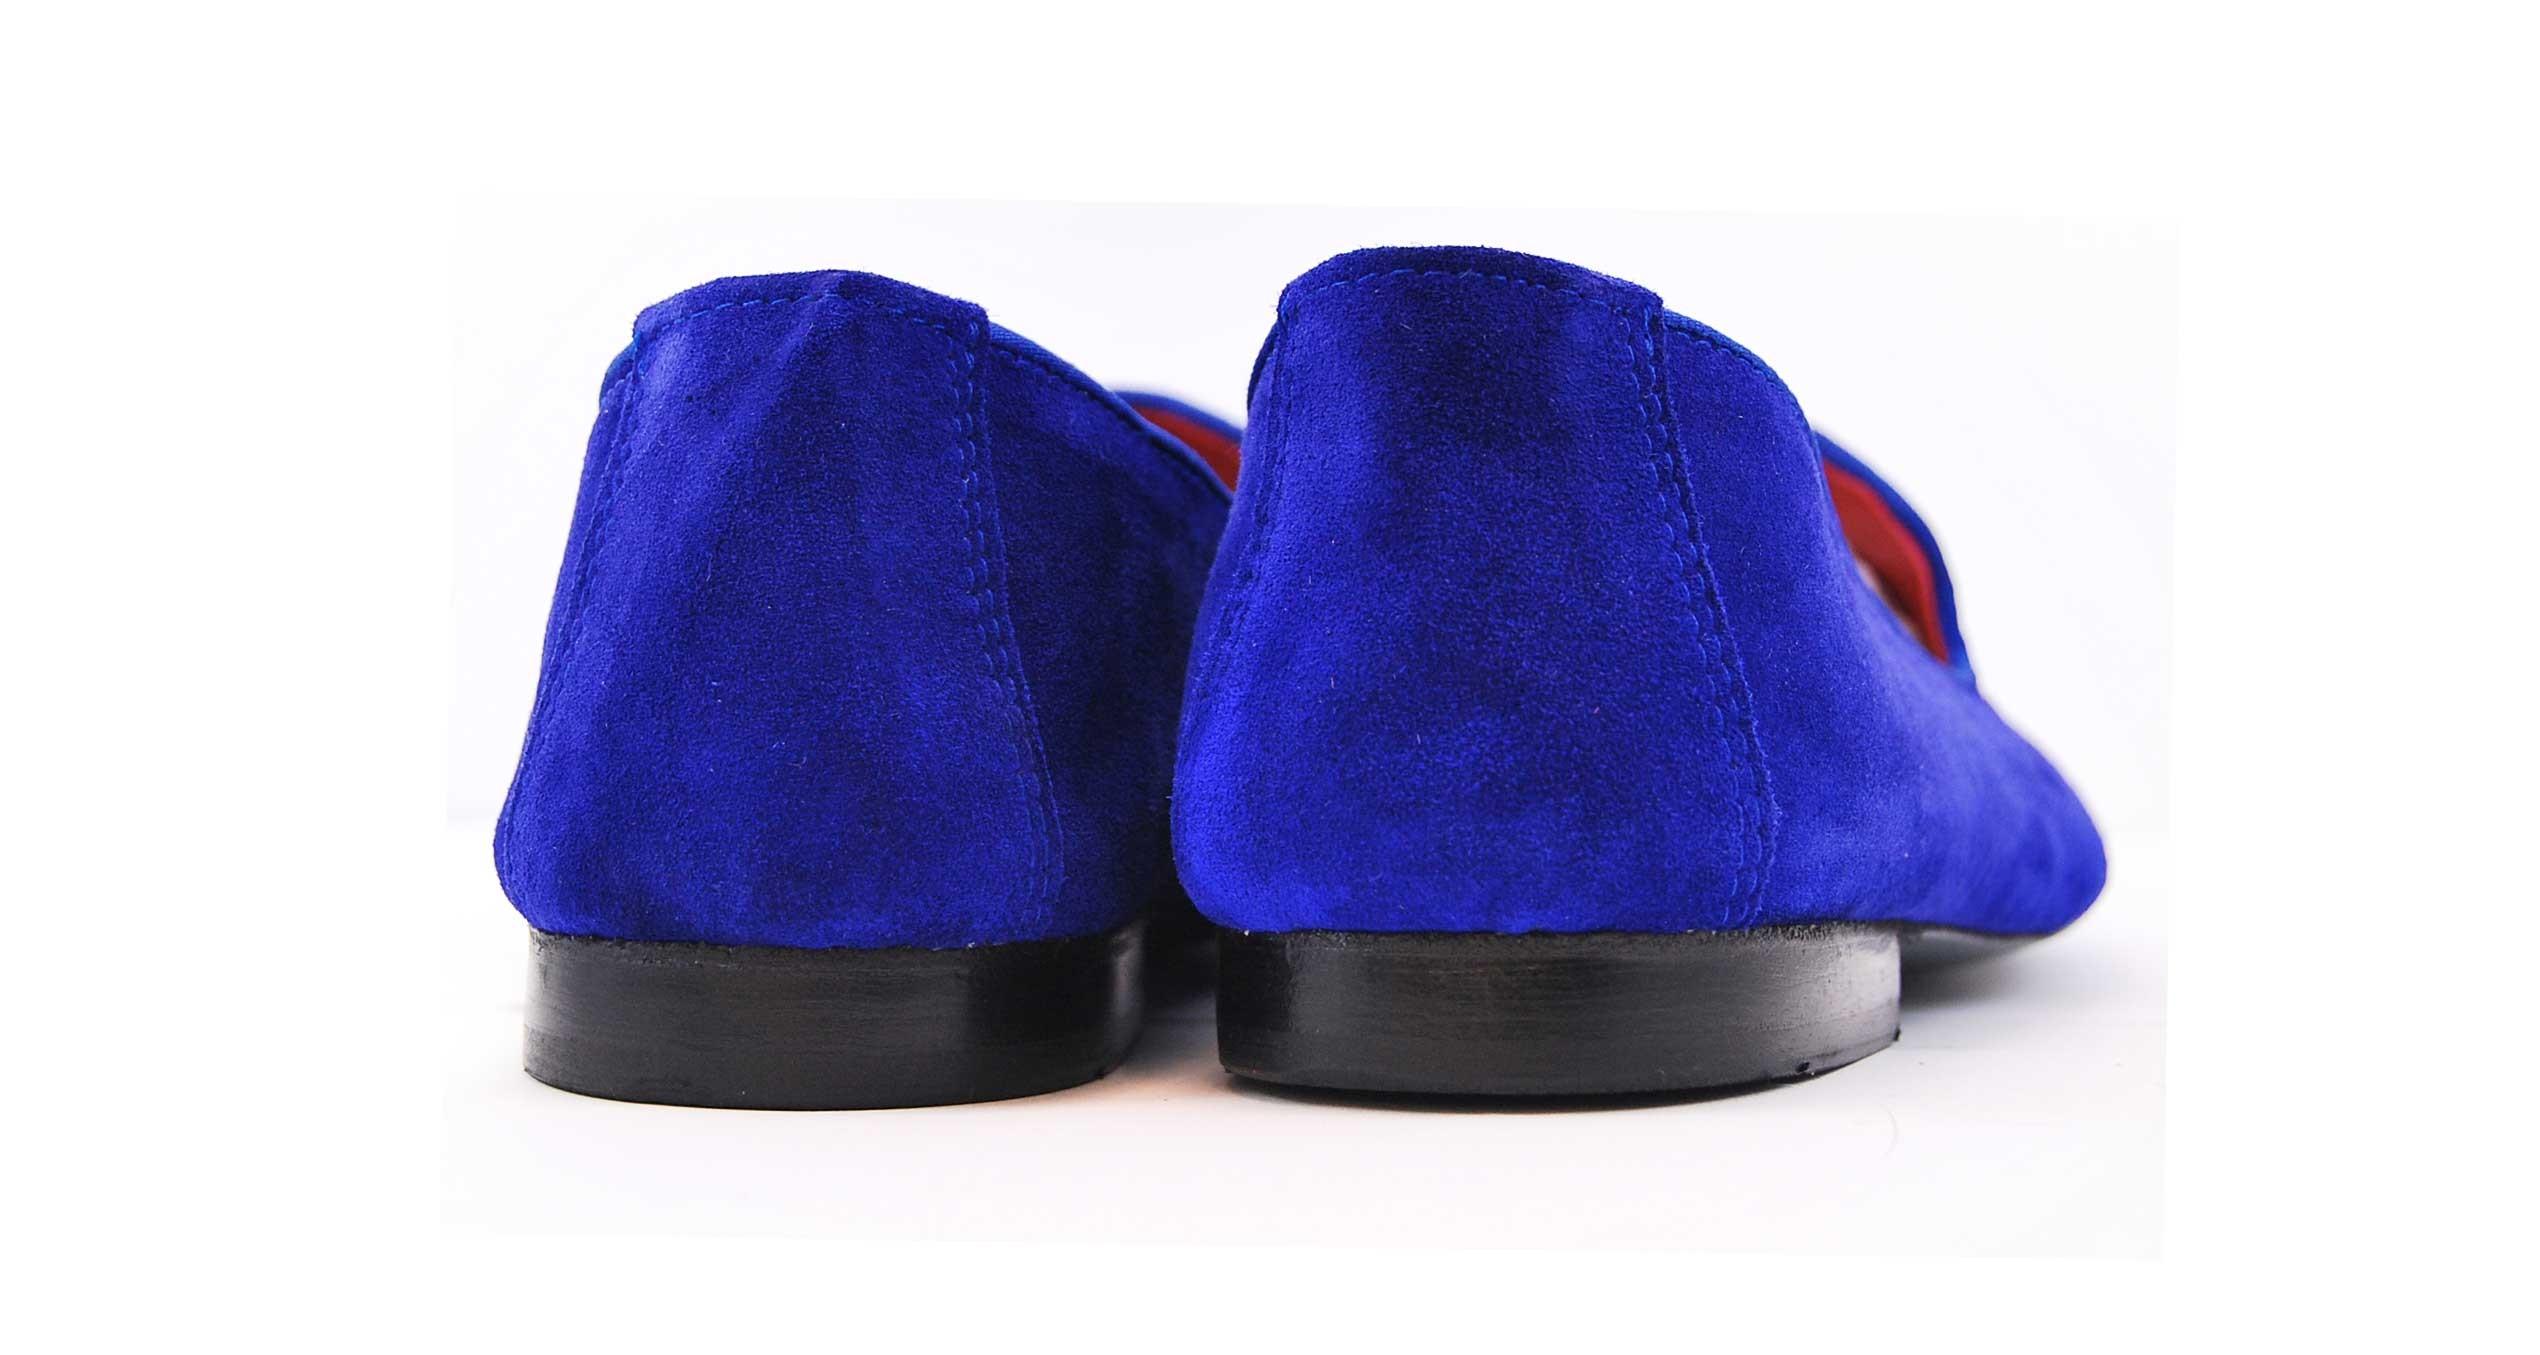 Foto 4 de Velvet slippers azulon 884 bordado flor de lis cobre